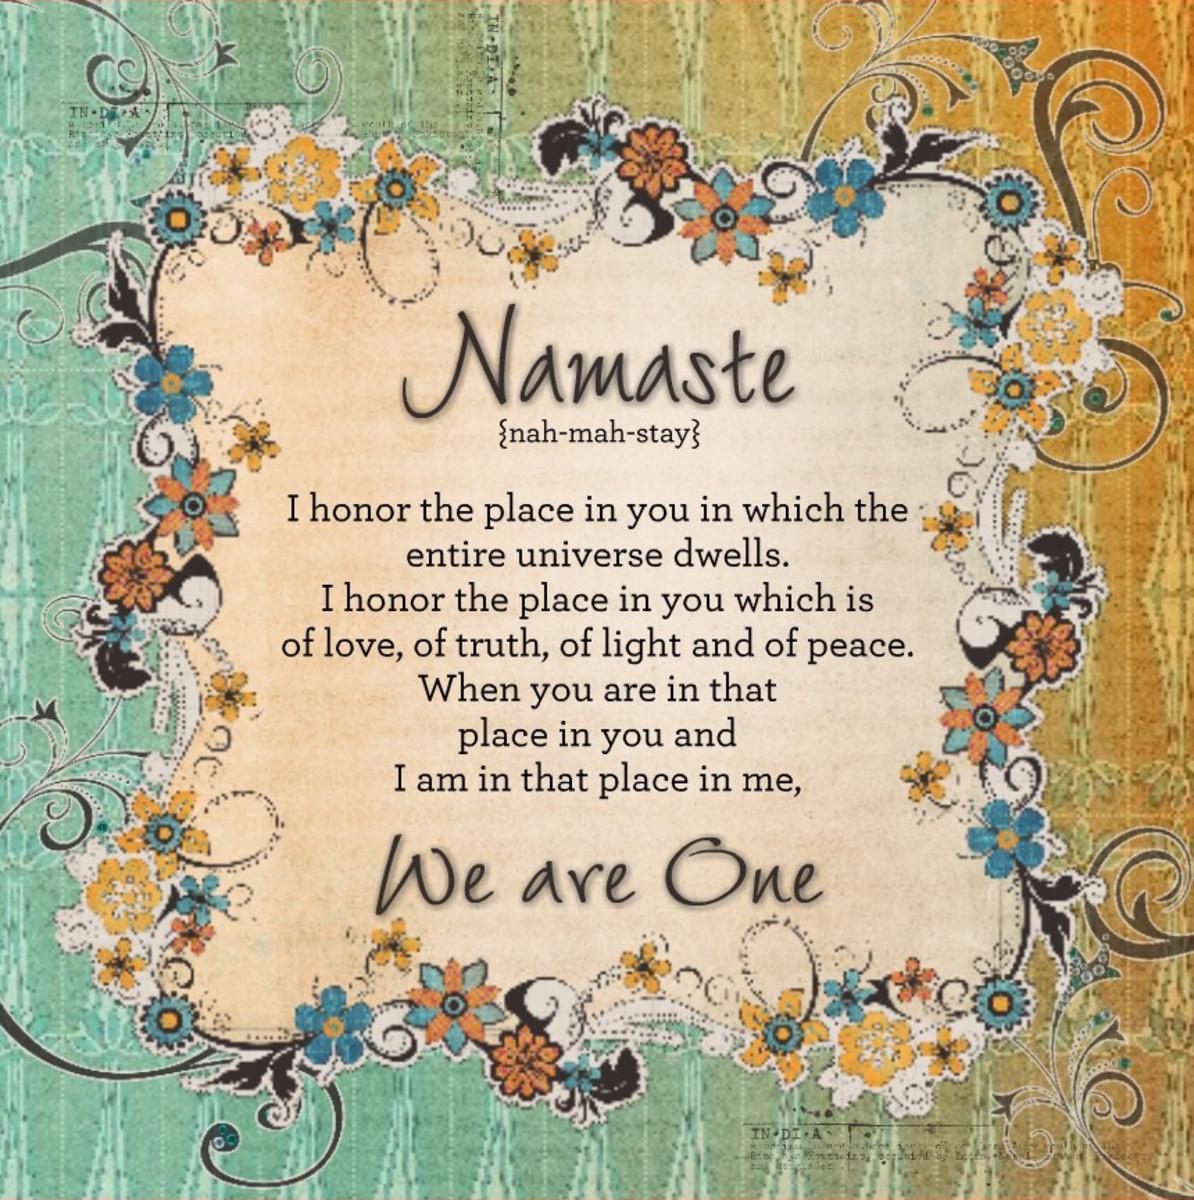 namaste-god-bless-you